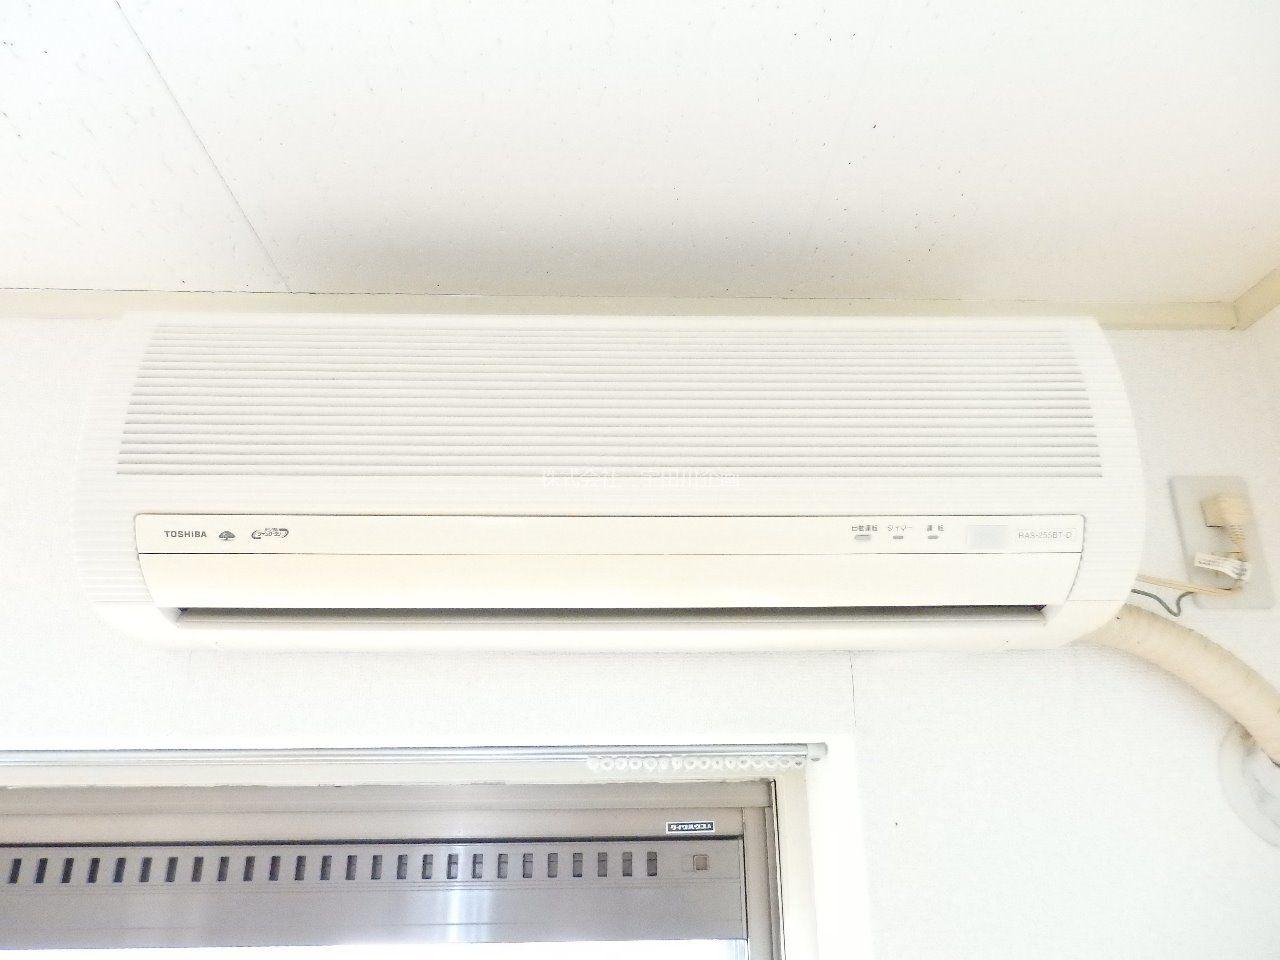 東芝製のエアコンです。